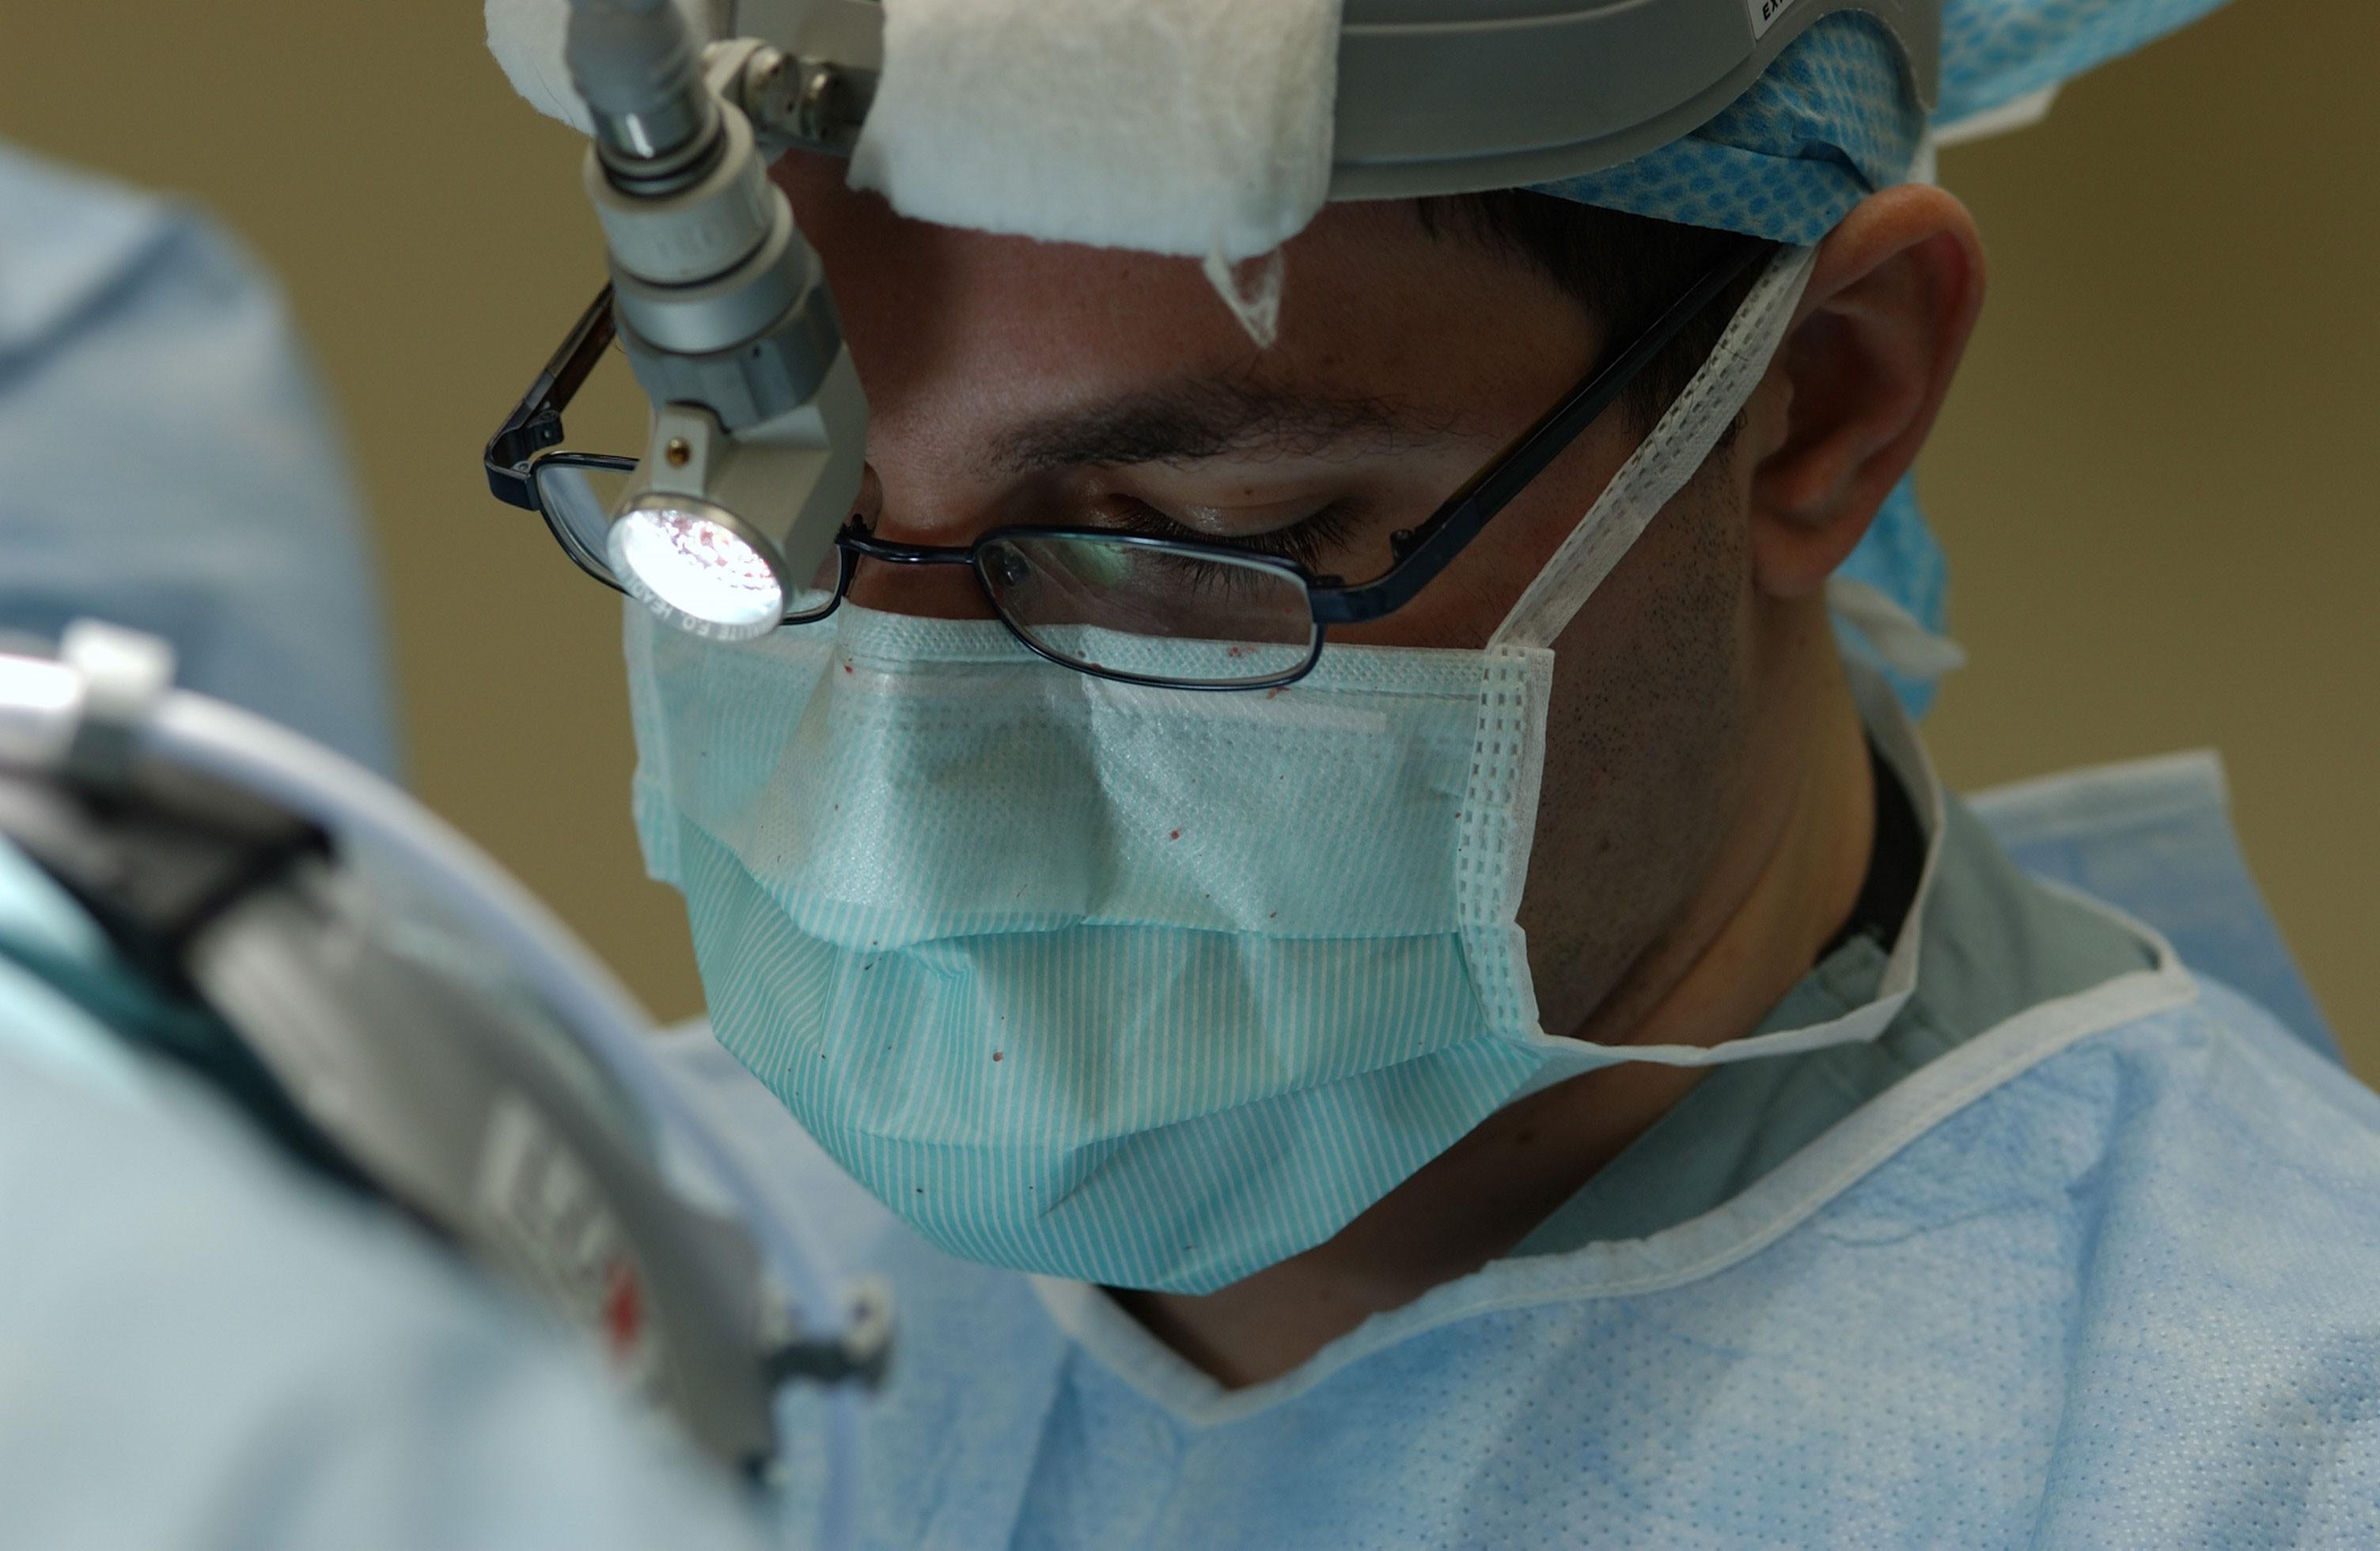 Médico faz cirurgia nos EUA (Foto: John Crawford/NCI)